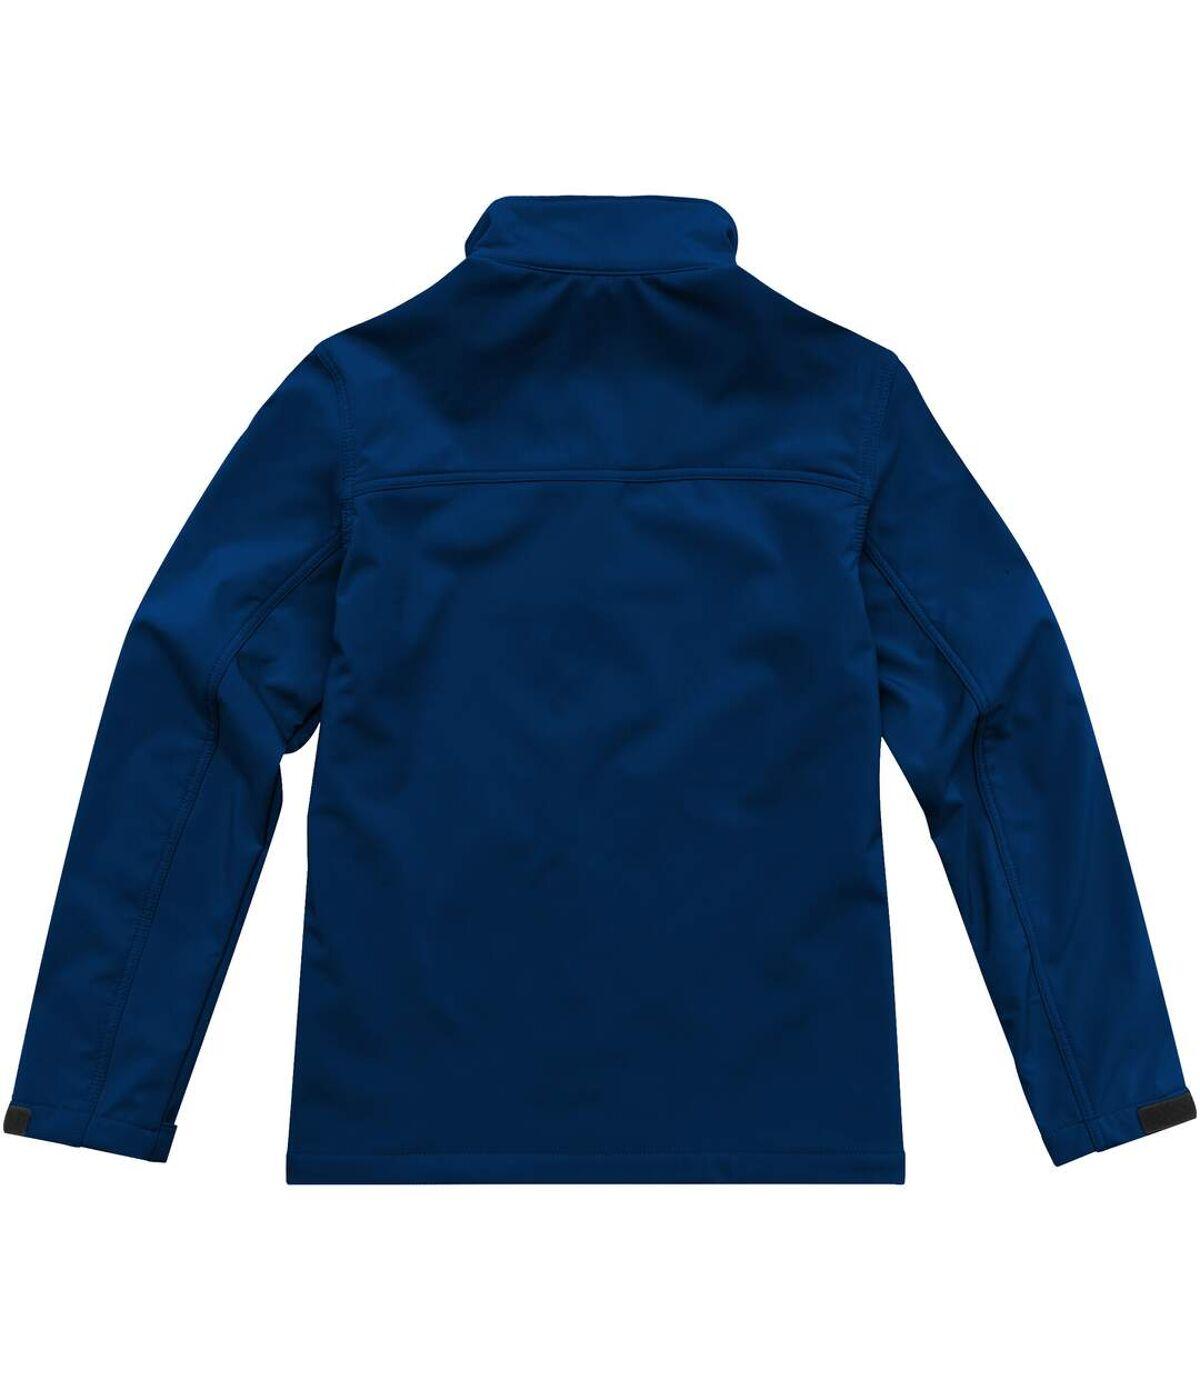 Elevate Mens Maxson Softshell Jacket (Navy) - UTPF1866